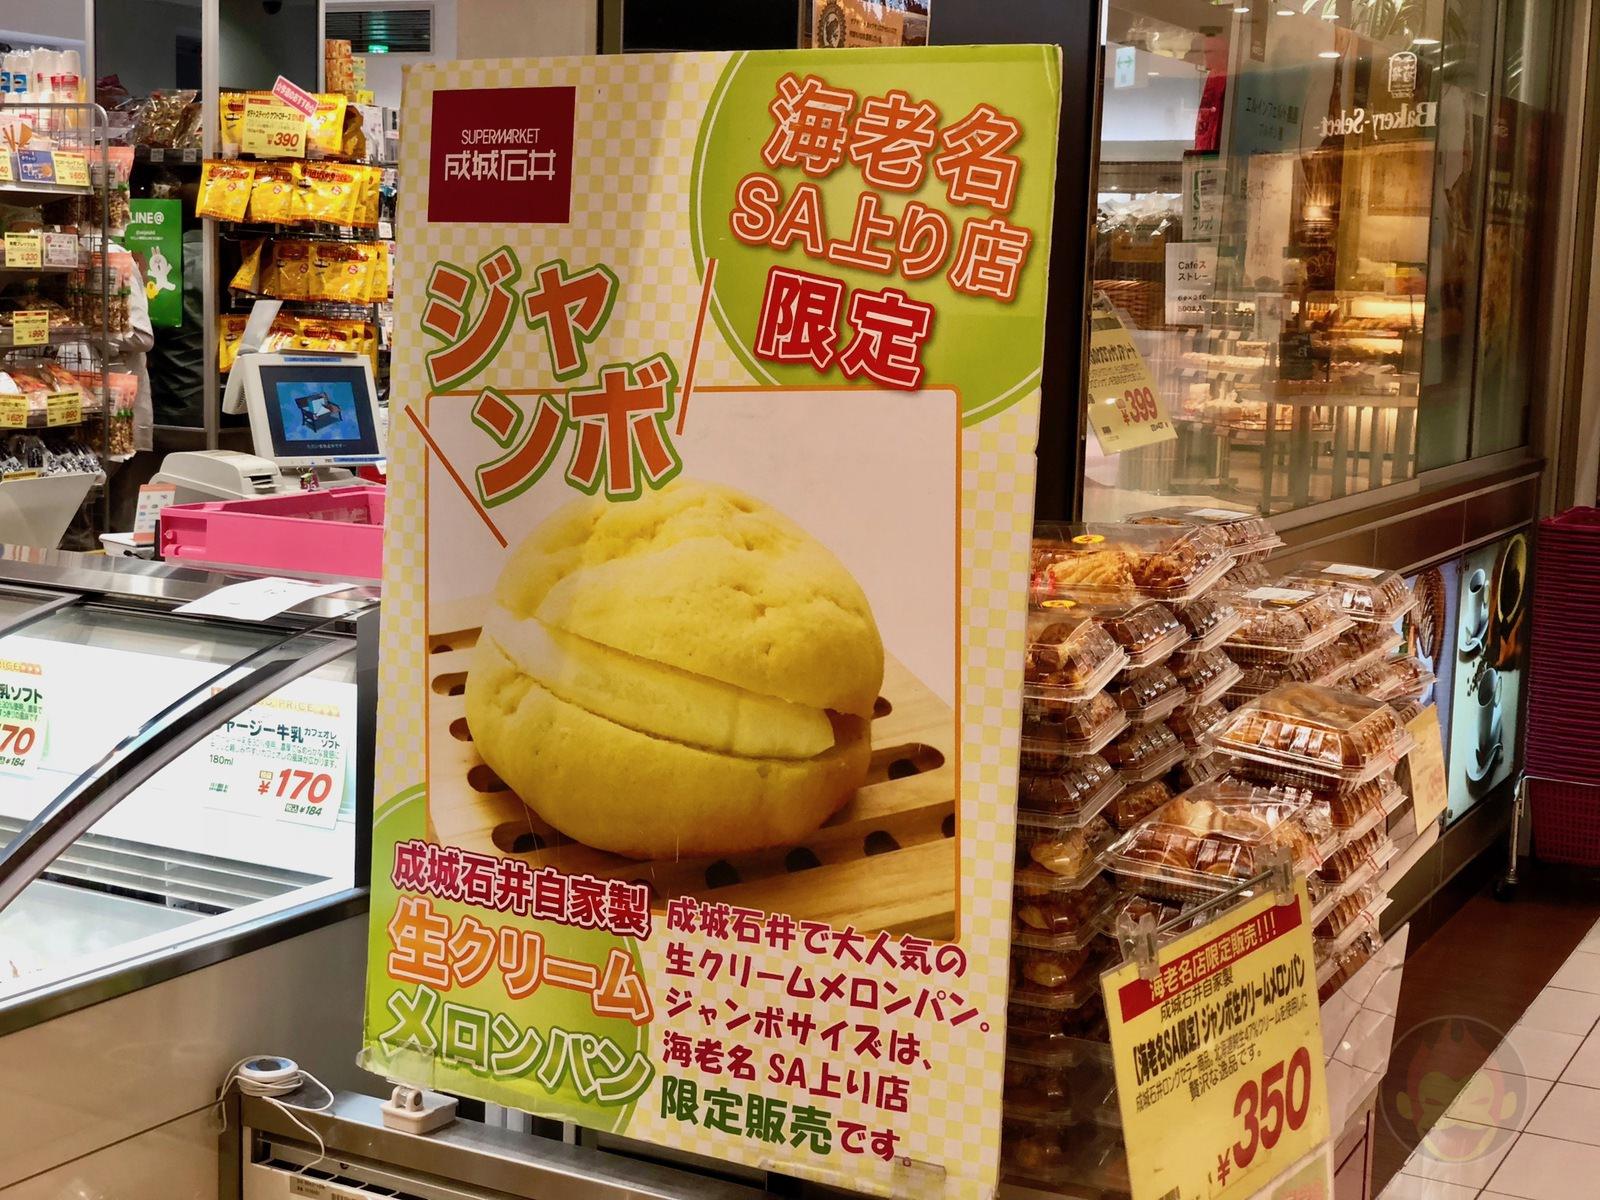 Ebina Parking Jumbo Cream Melon Pan Seijo Ishii 02